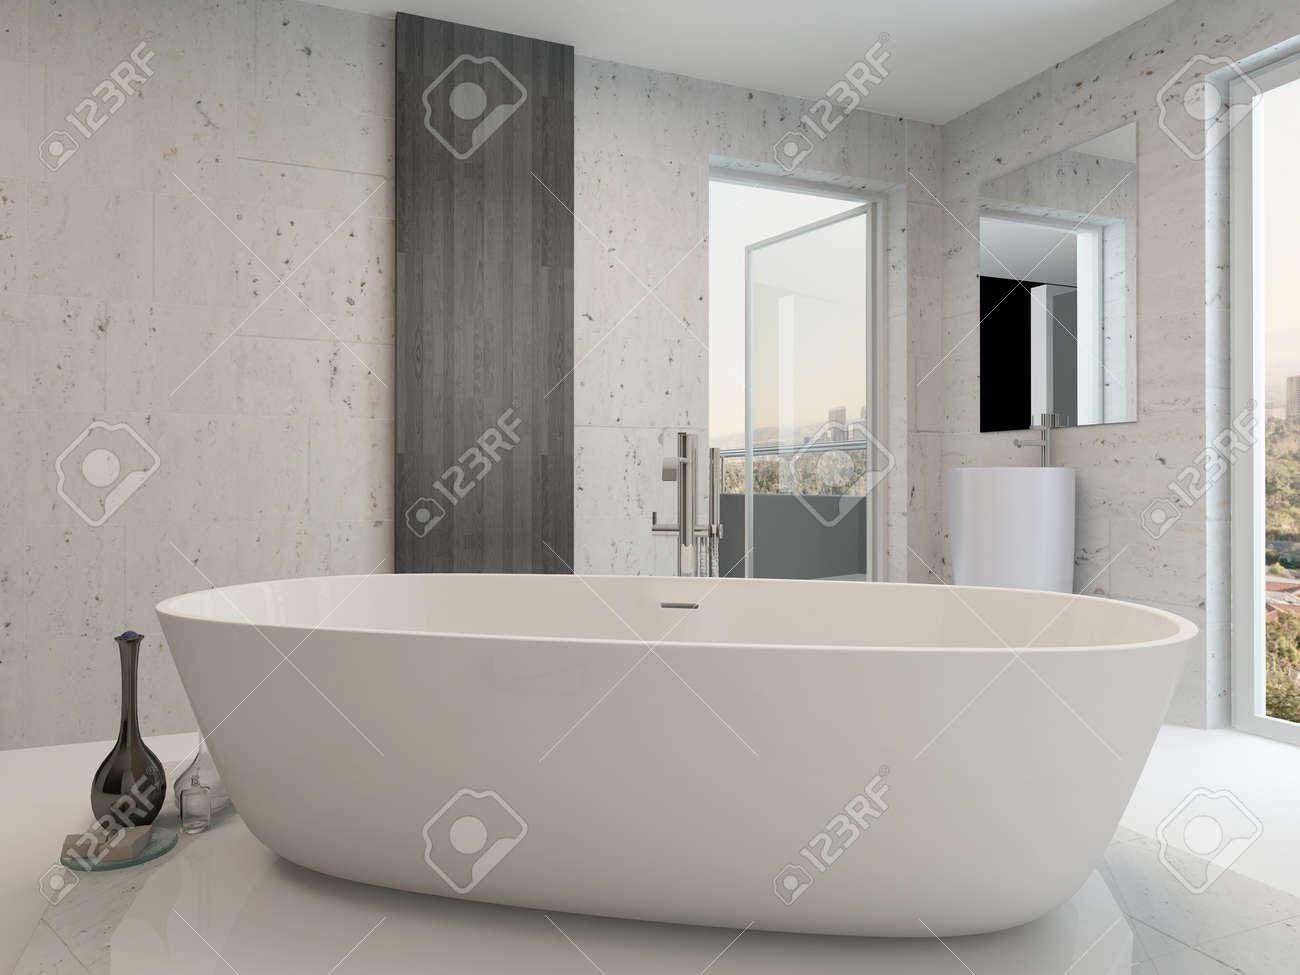 Reines Weiß Modernen Luxus-Badezimmer Interieur Mit Standalone ...